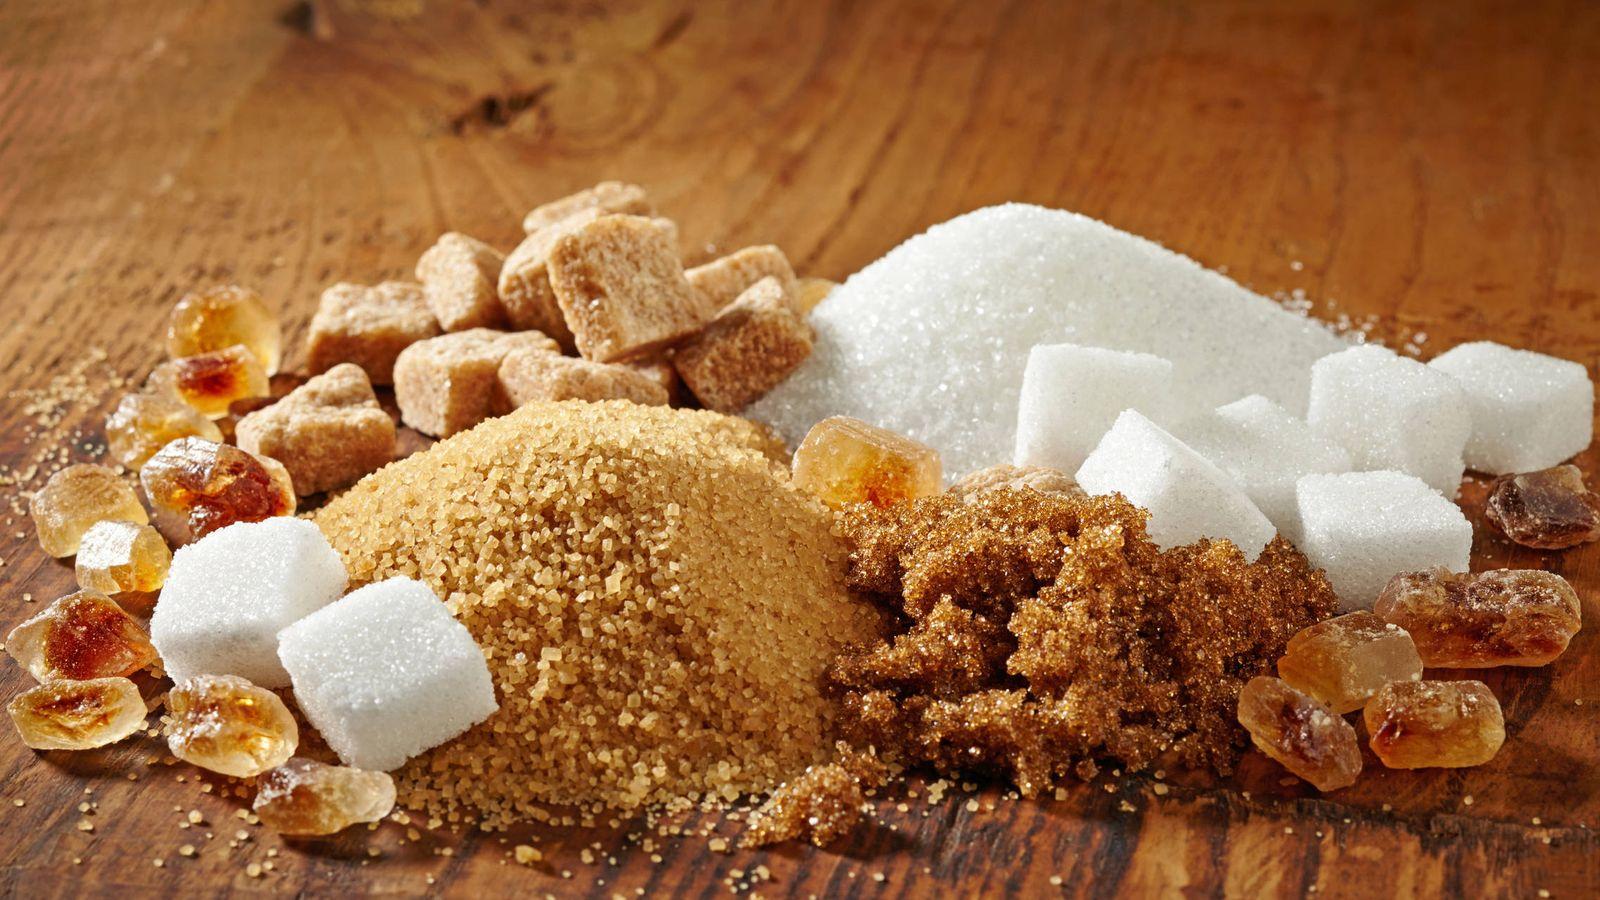 El azúcar no es saludable porque contiene calorías